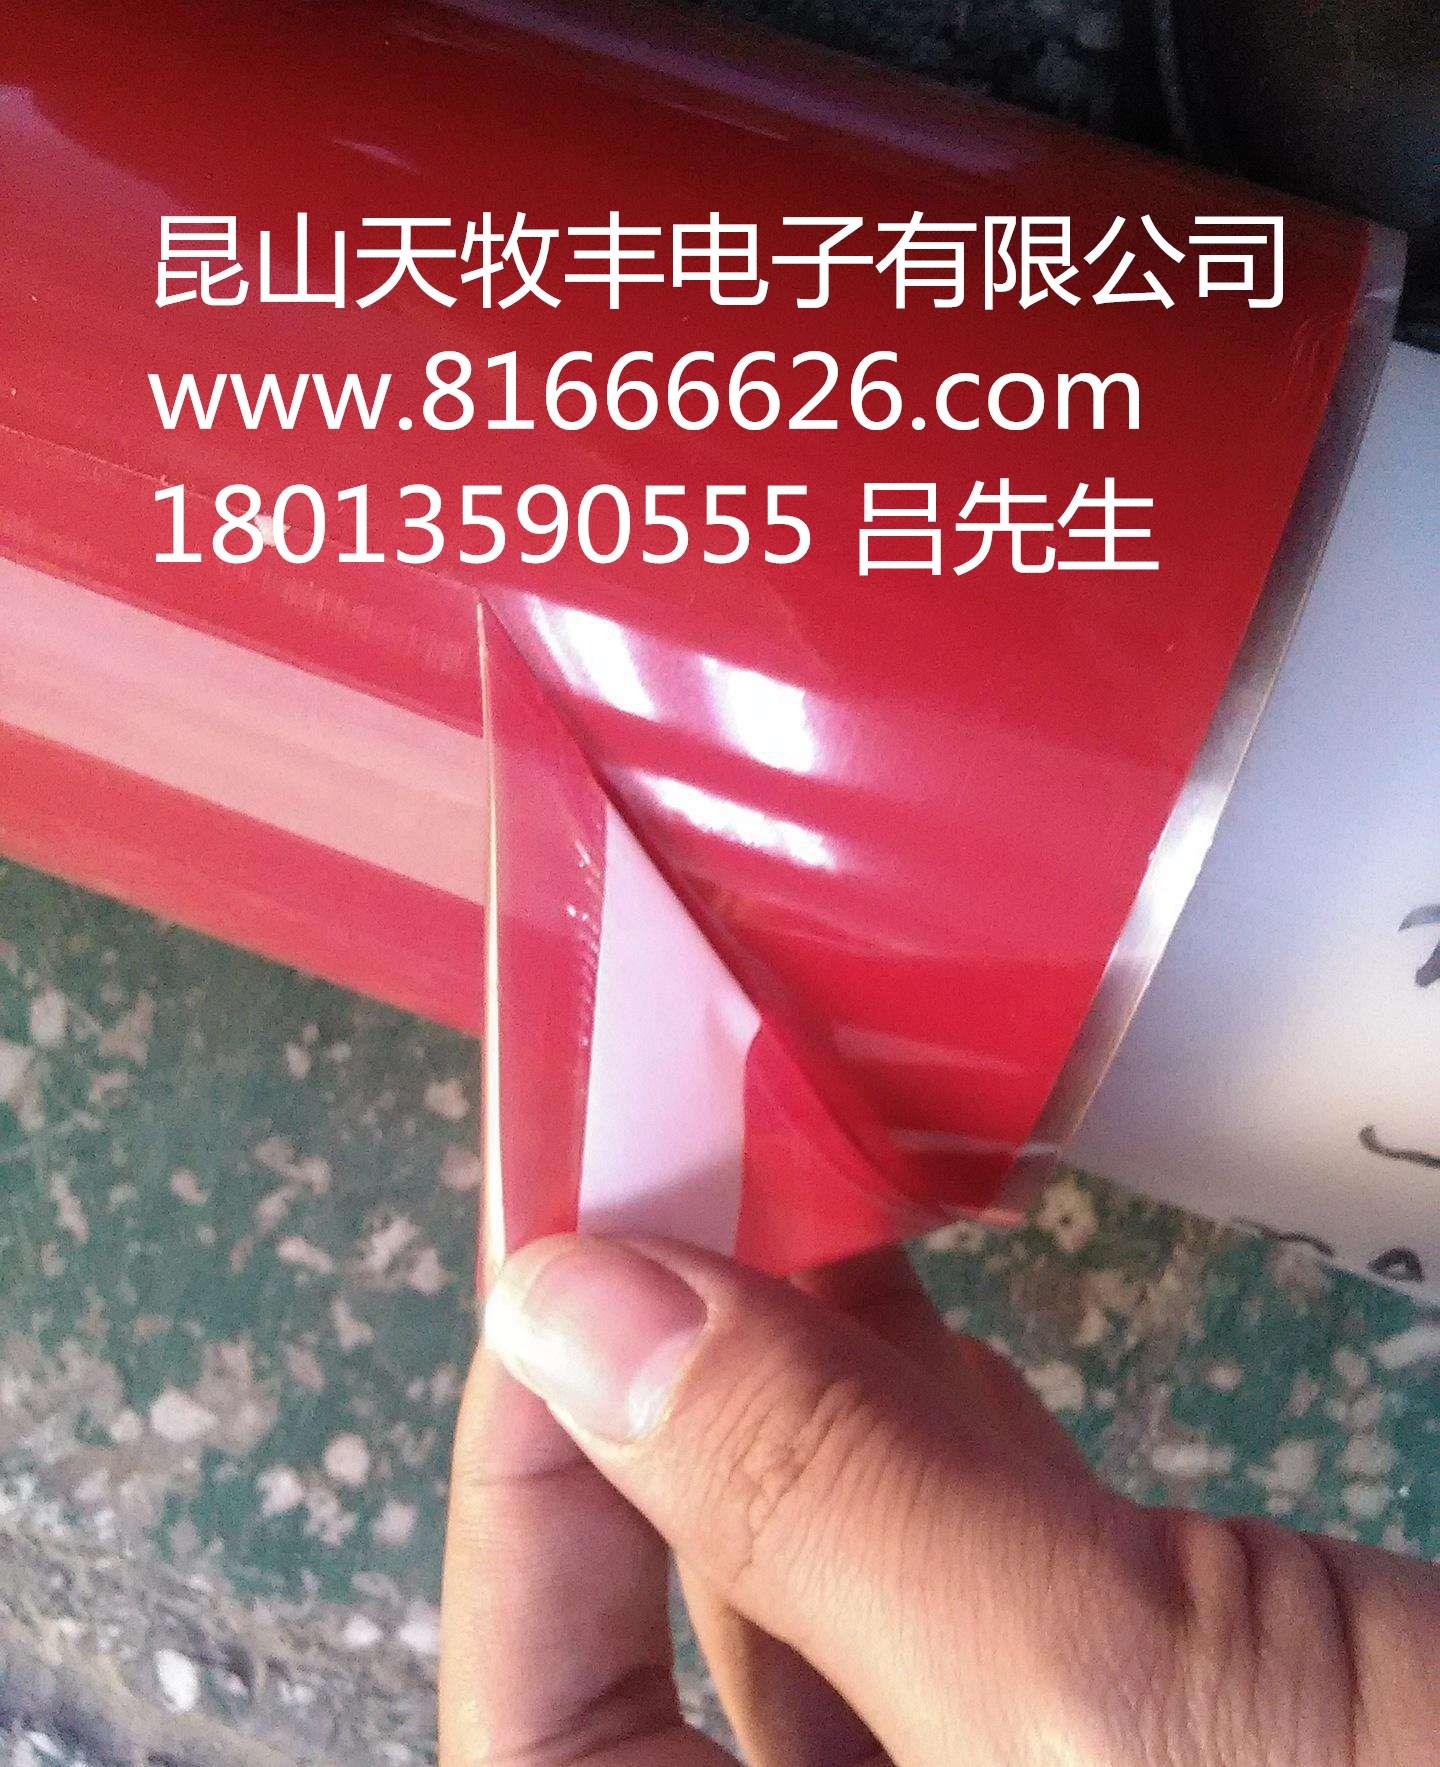 硅胶系胶带 供应硅胶系胶带 特价供应硅胶系胶带 天牧丰特价供应硅胶系胶带